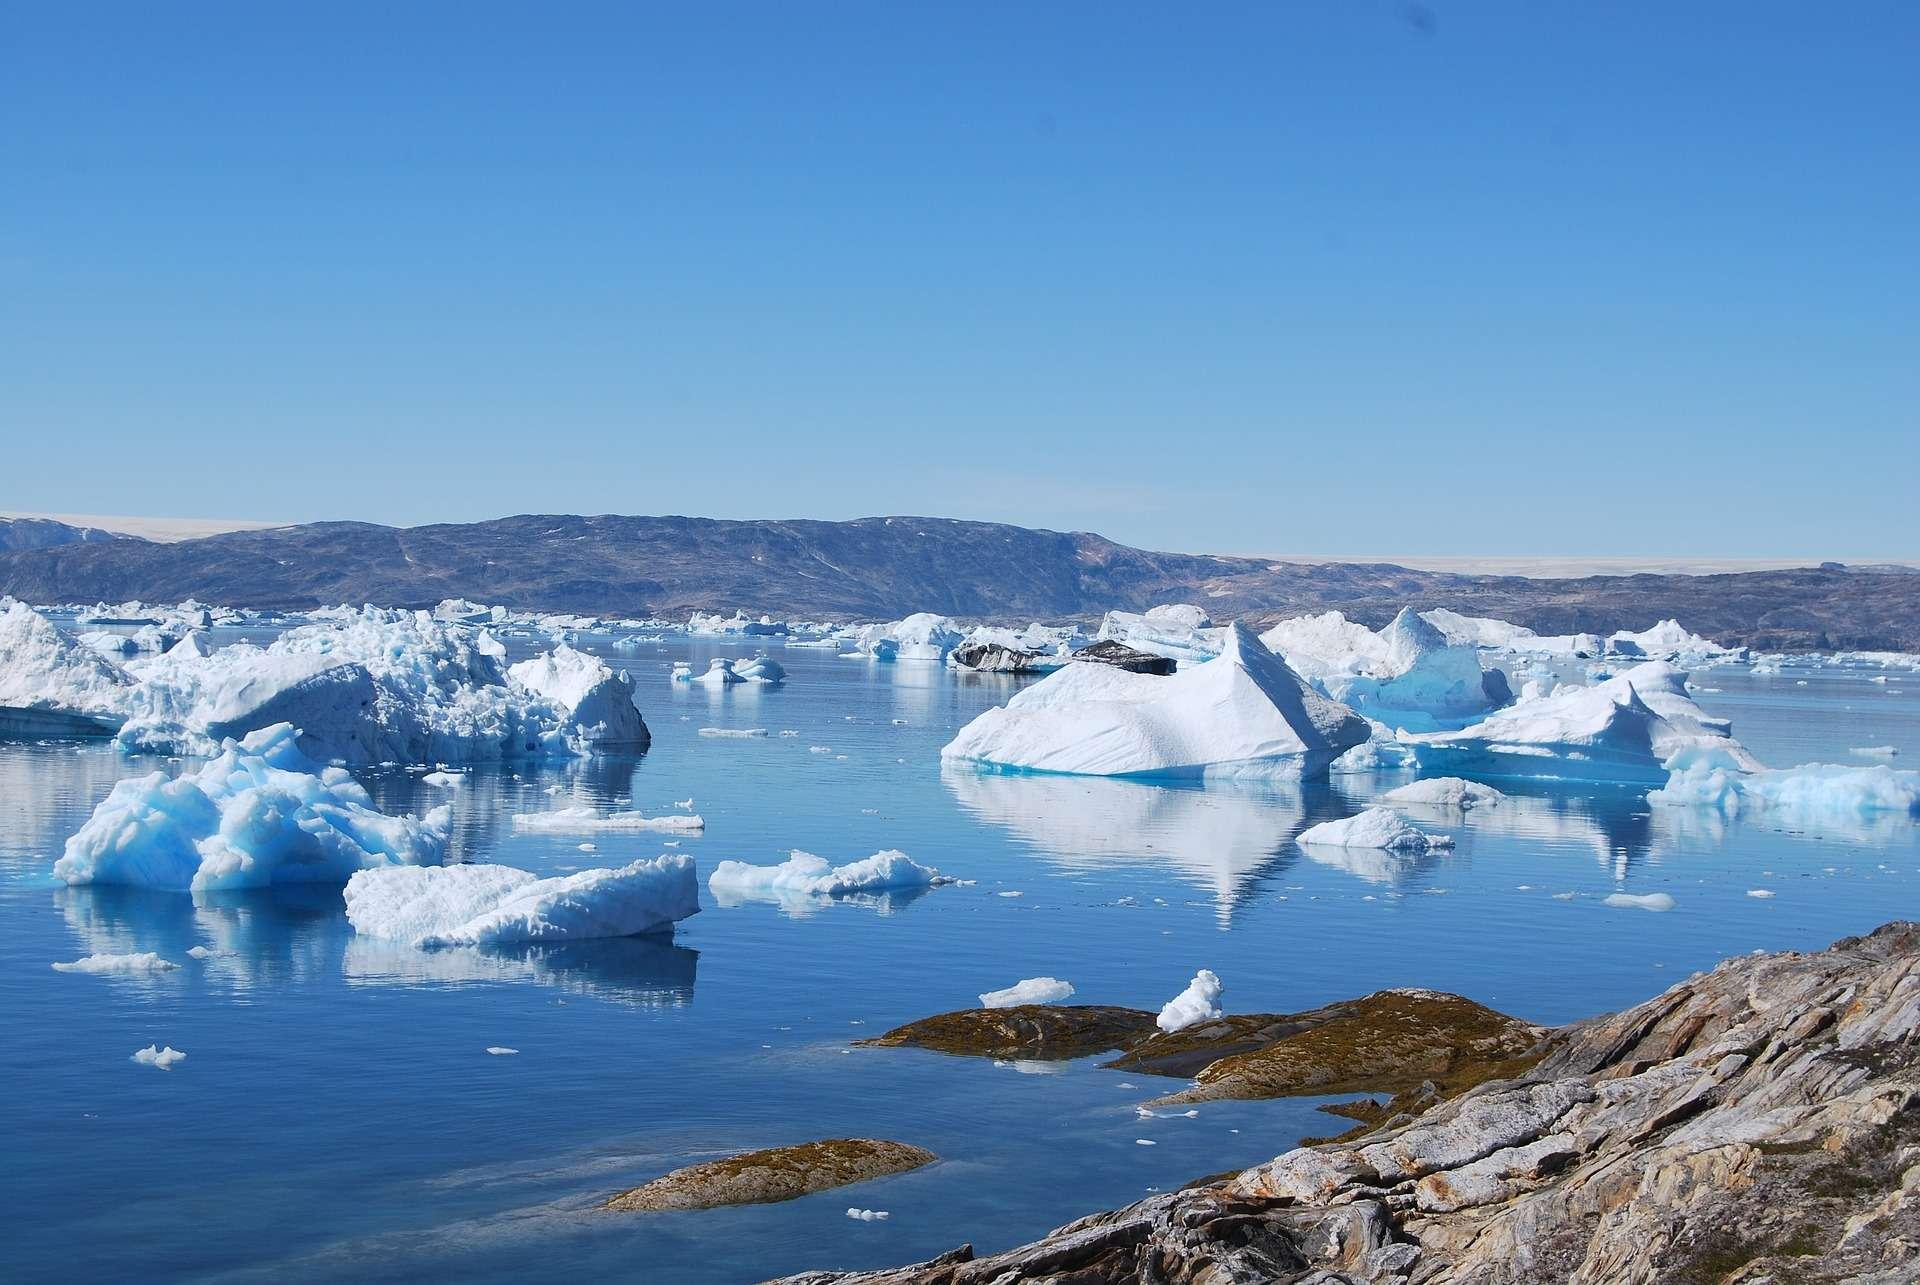 Une nouvelle analyse n'exclut pas que les glaces du Groenland fondent entièrement dans le prochain millénaire sous l'effet du réchauffement climatique. © Pixabay